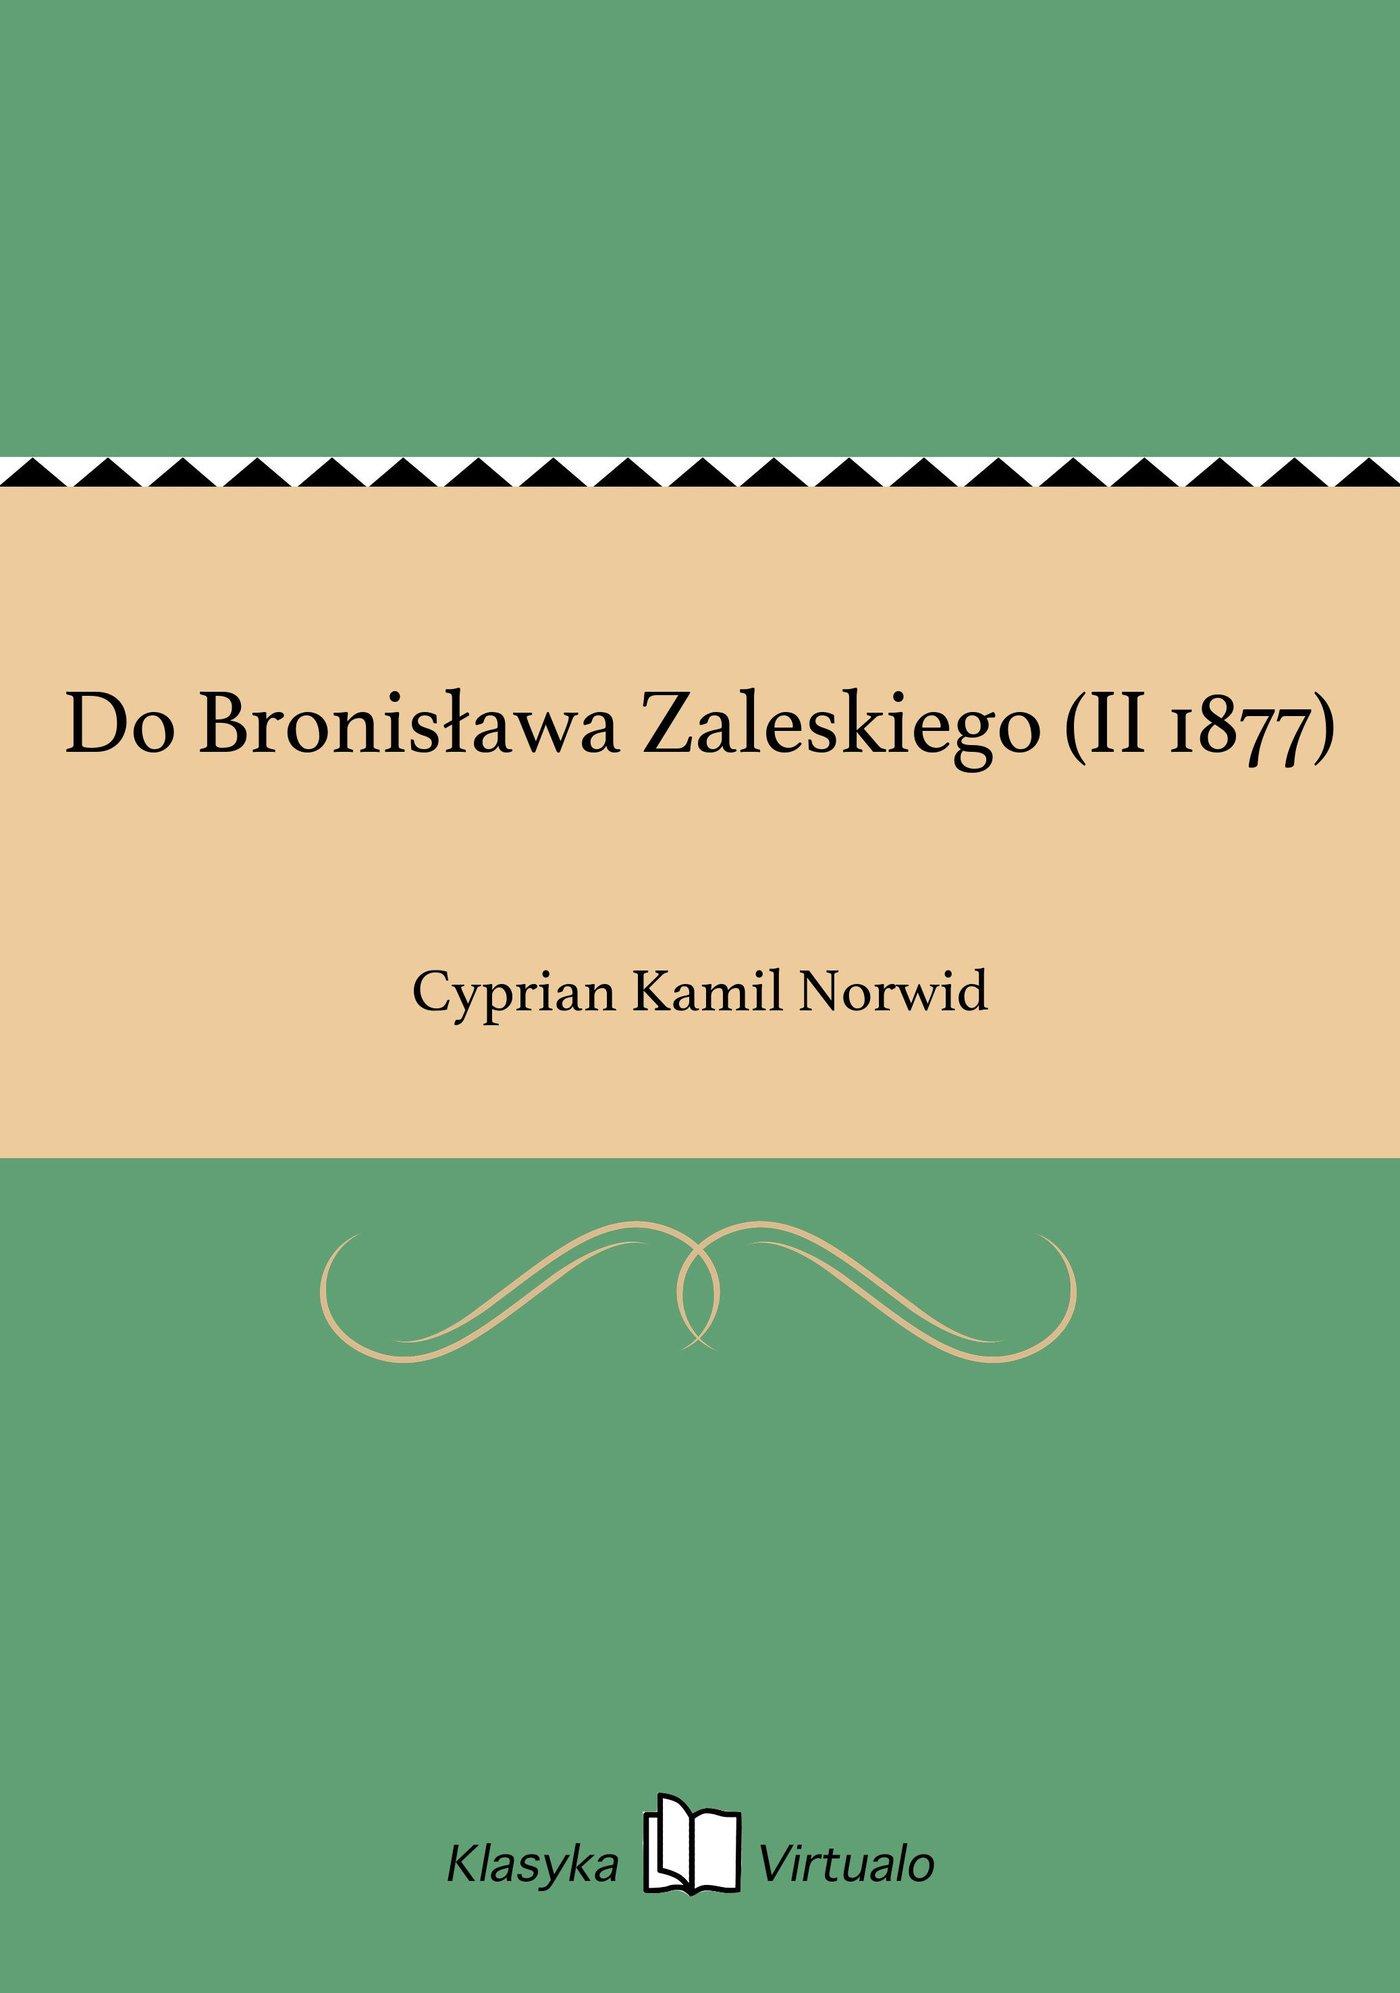 Do Bronisława Zaleskiego (II 1877) - Ebook (Książka EPUB) do pobrania w formacie EPUB